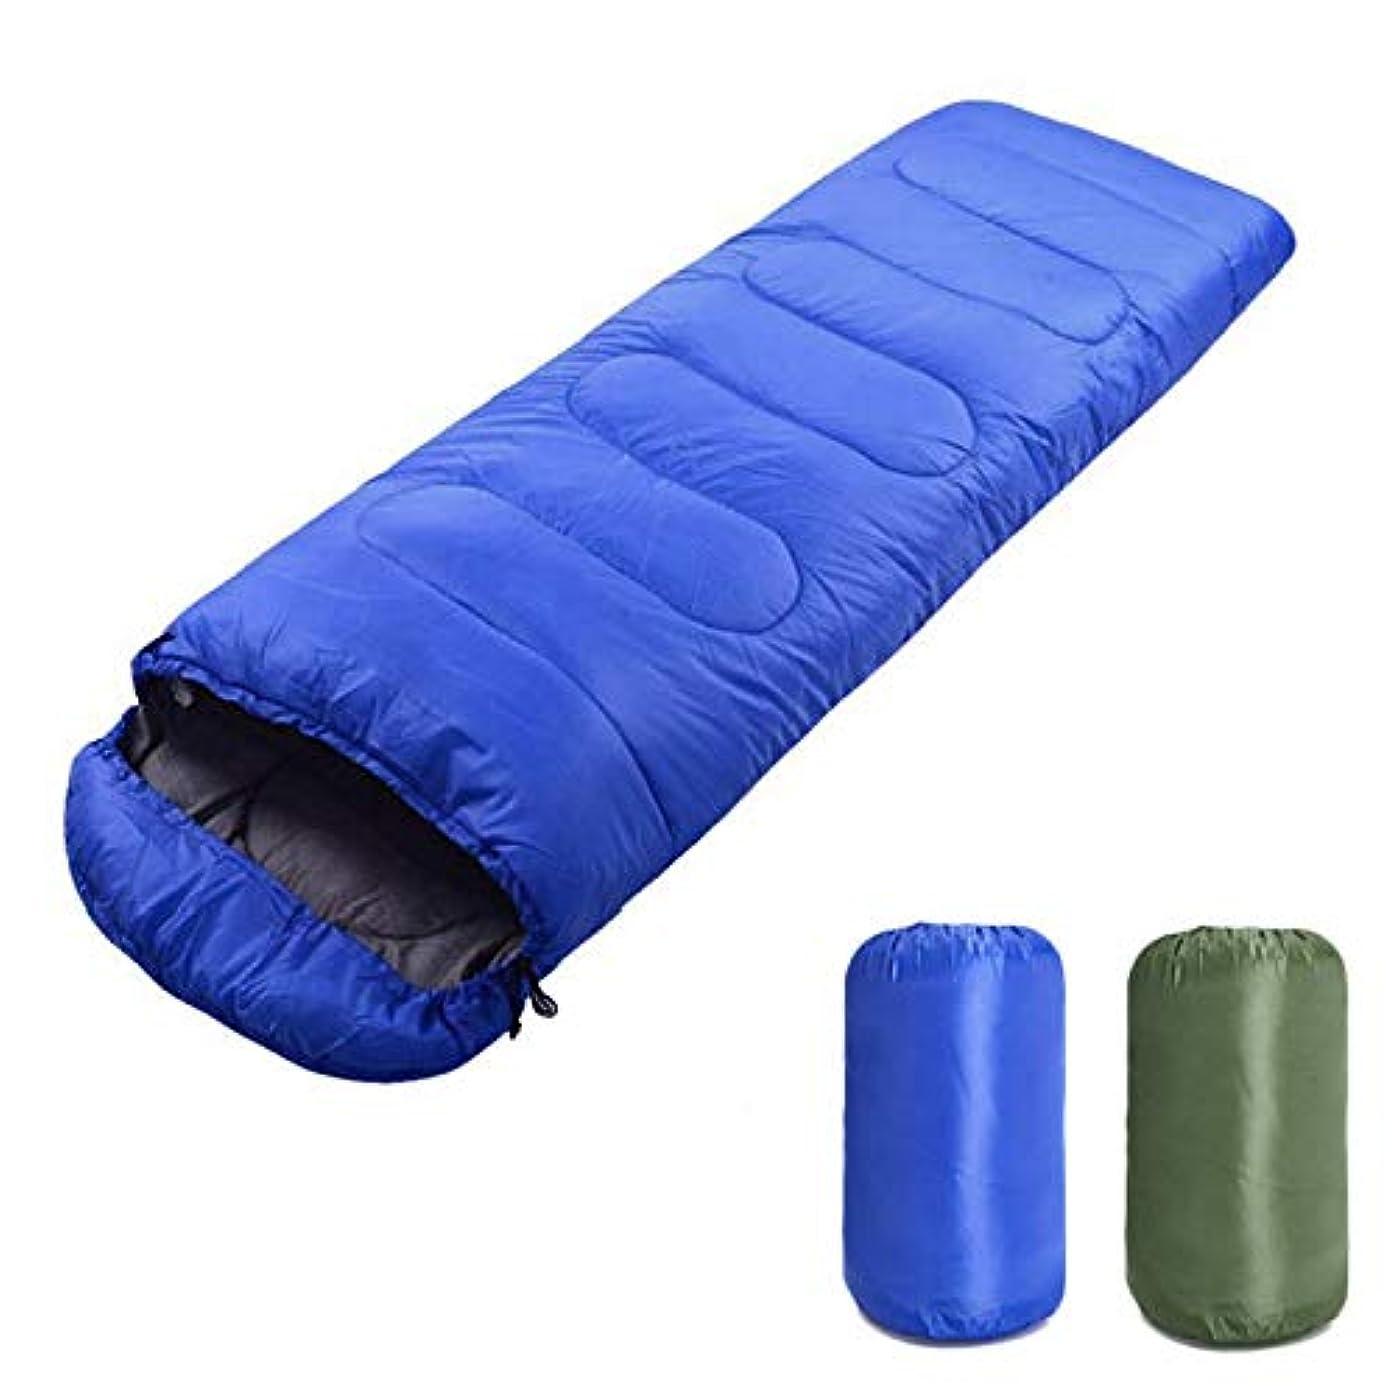 はげ元気な毎年キャンプハイキングバックパッキングのための圧縮袋が付いている携帯用軽量の封筒の寝袋,Blue